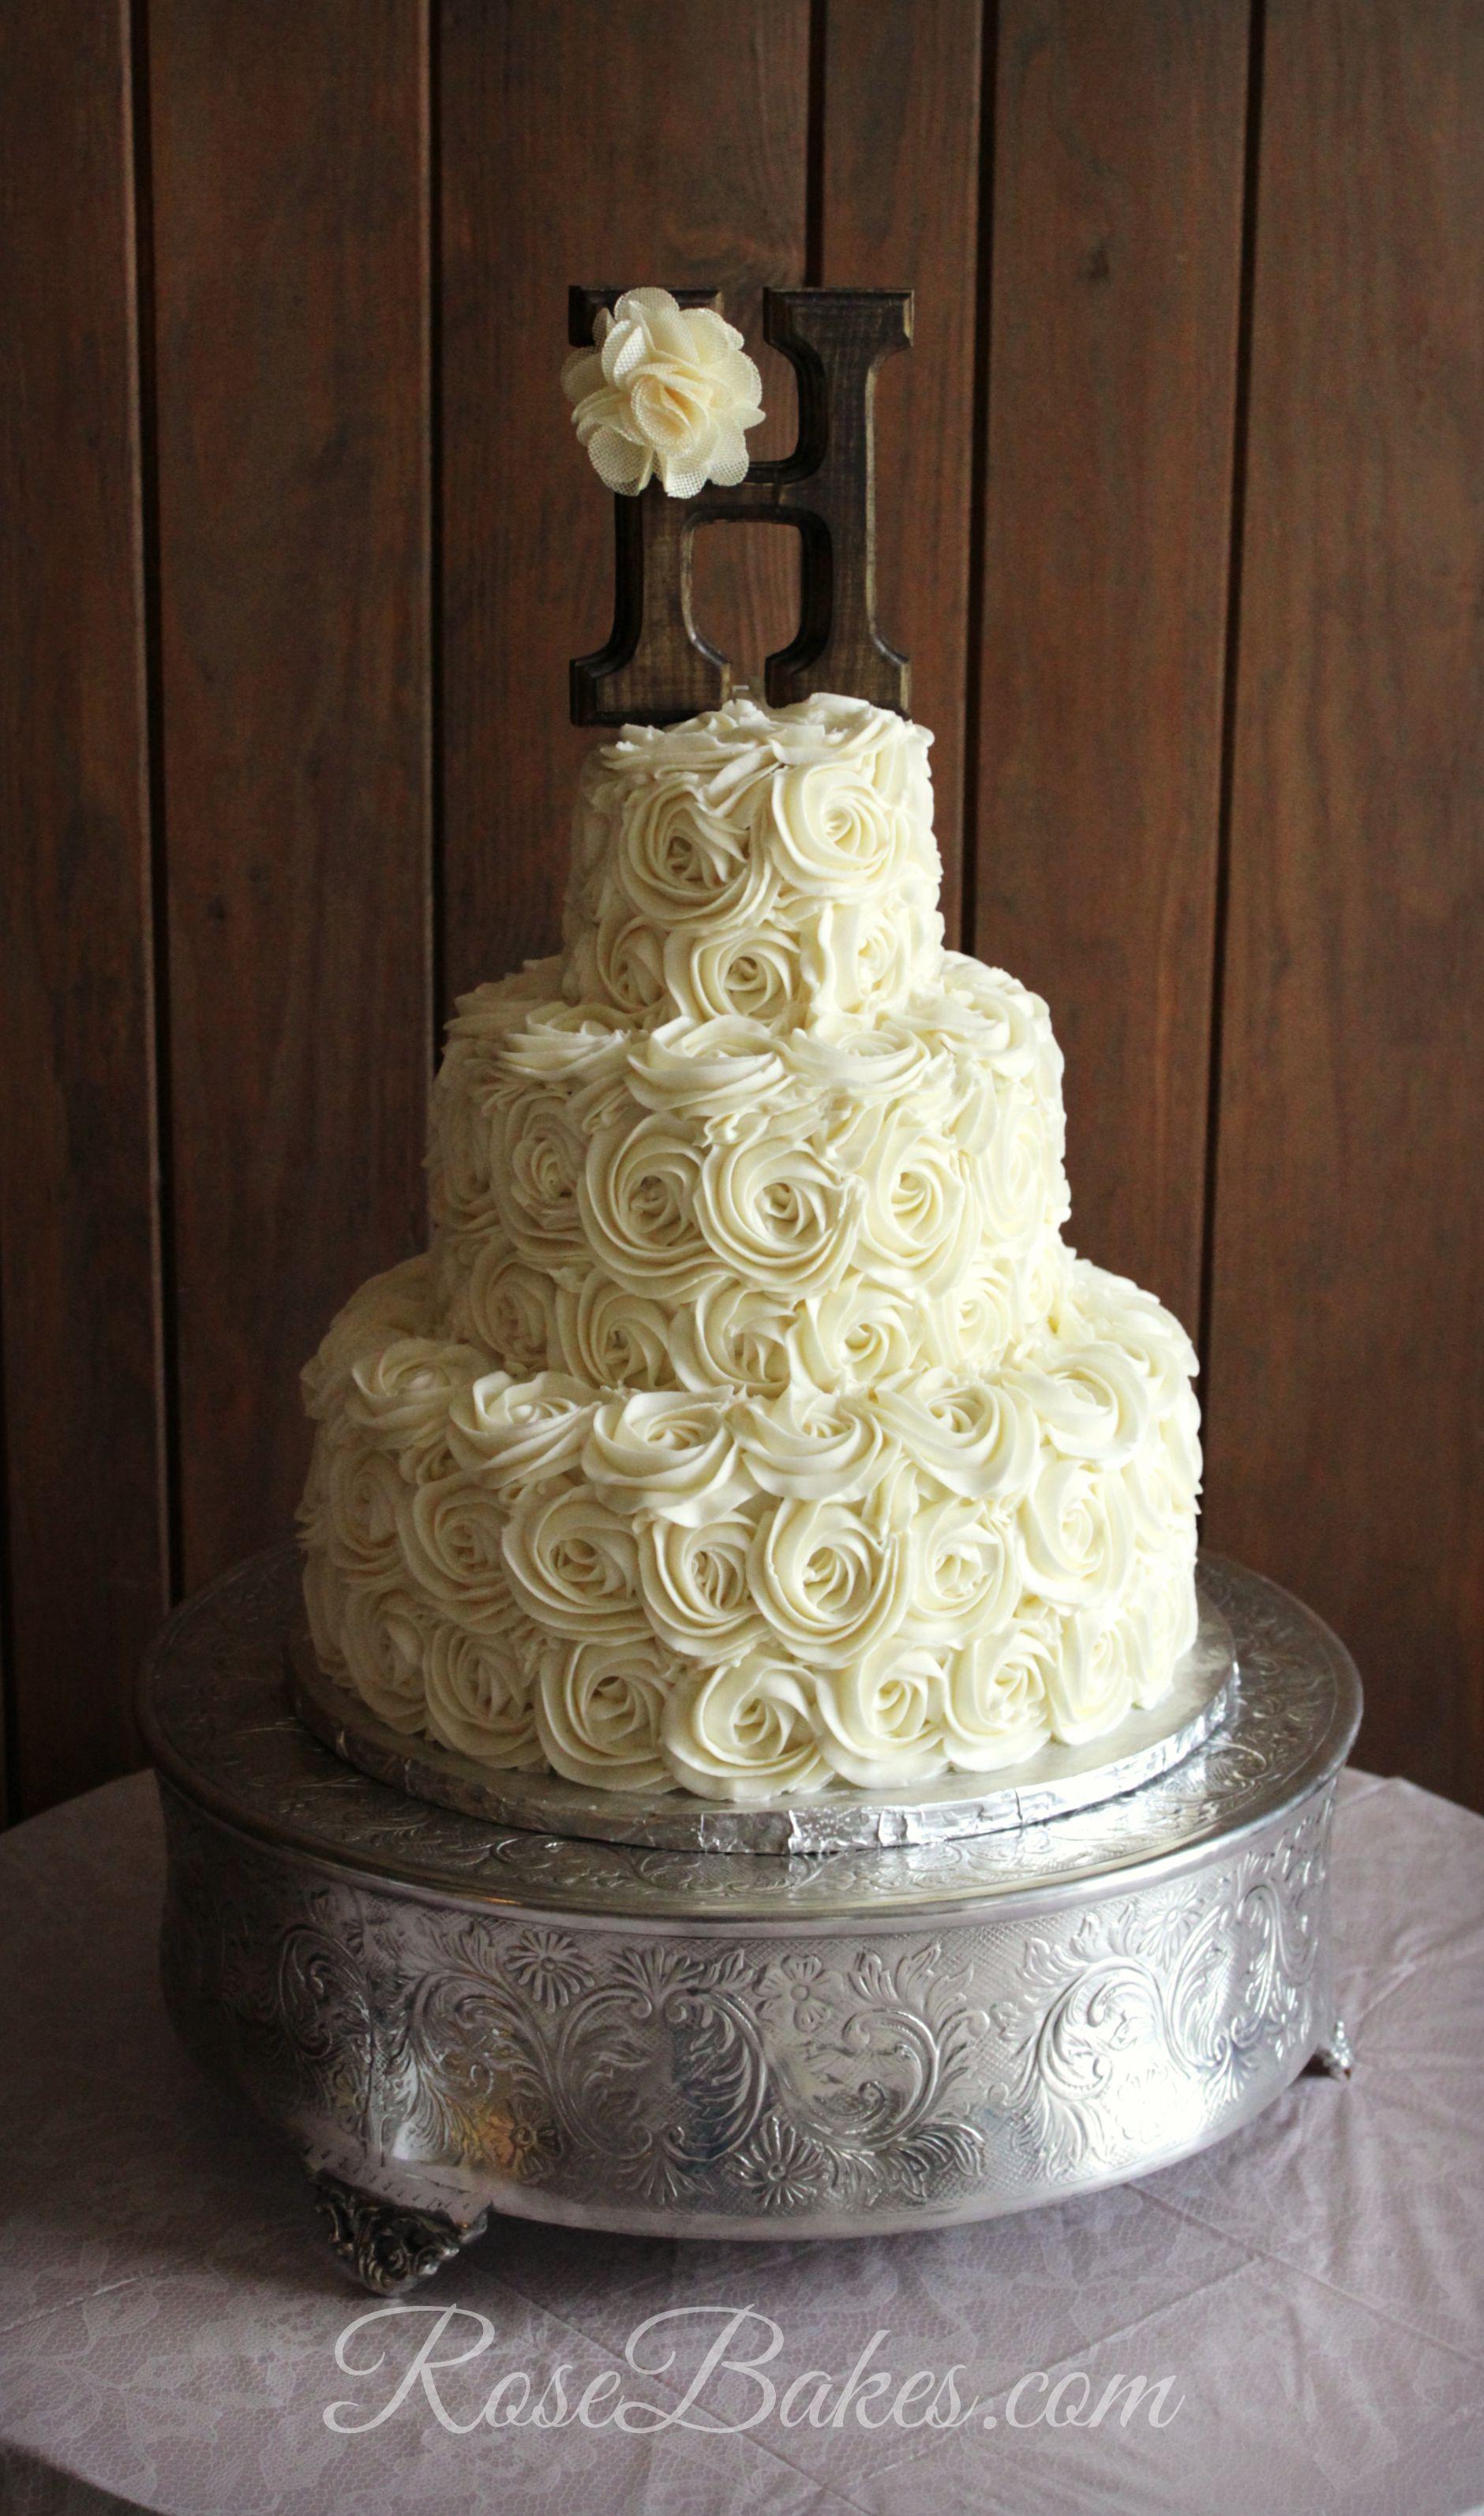 Rustic Ercream Roses Wedding Cake